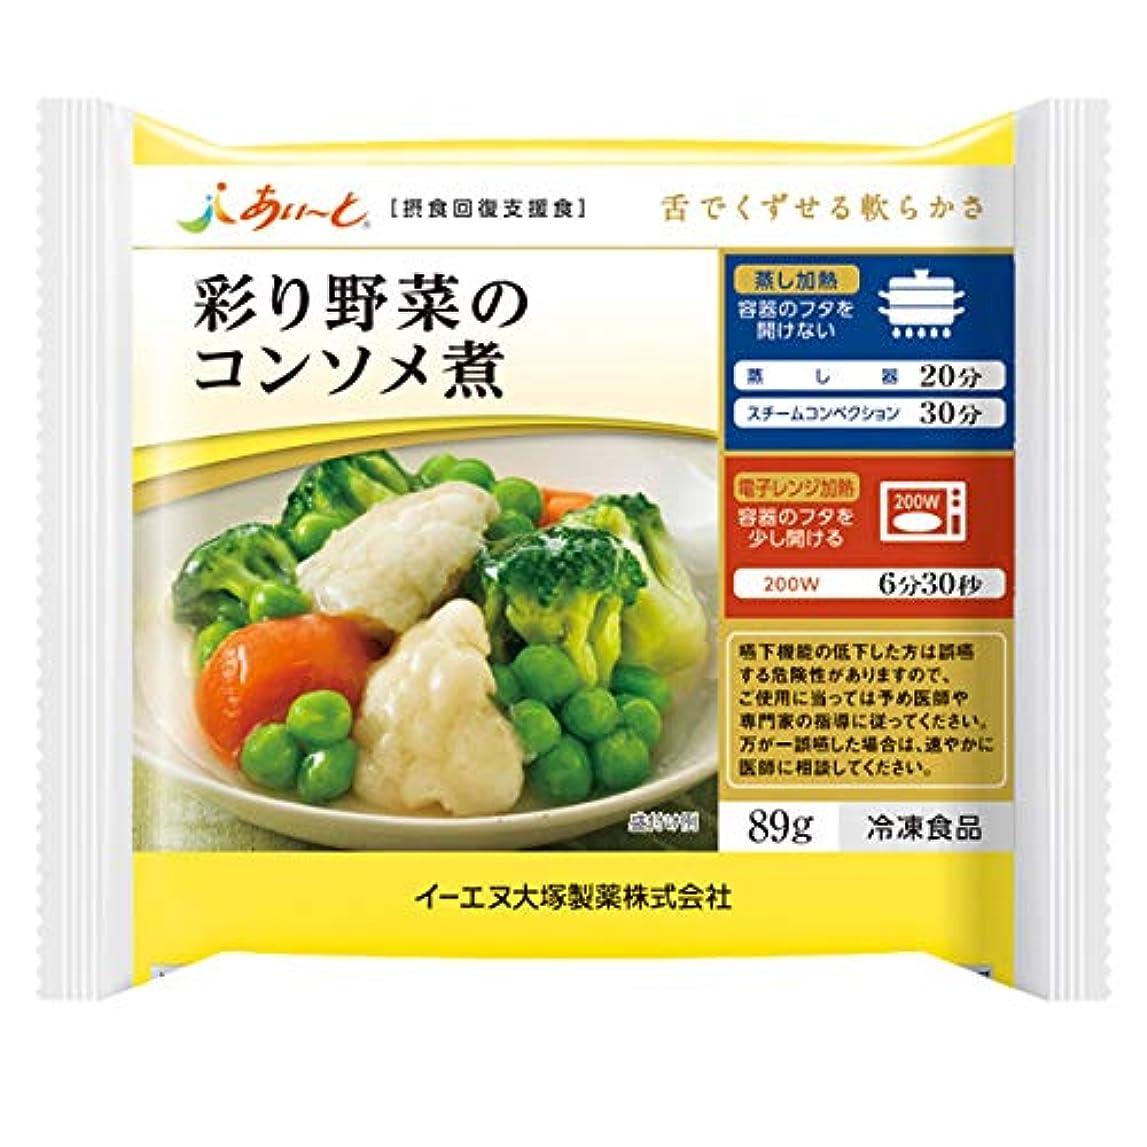 靴下恵み幸運なことに【冷凍介護食】摂食回復支援食 あいーと 彩り野菜のコンソメ煮 89g